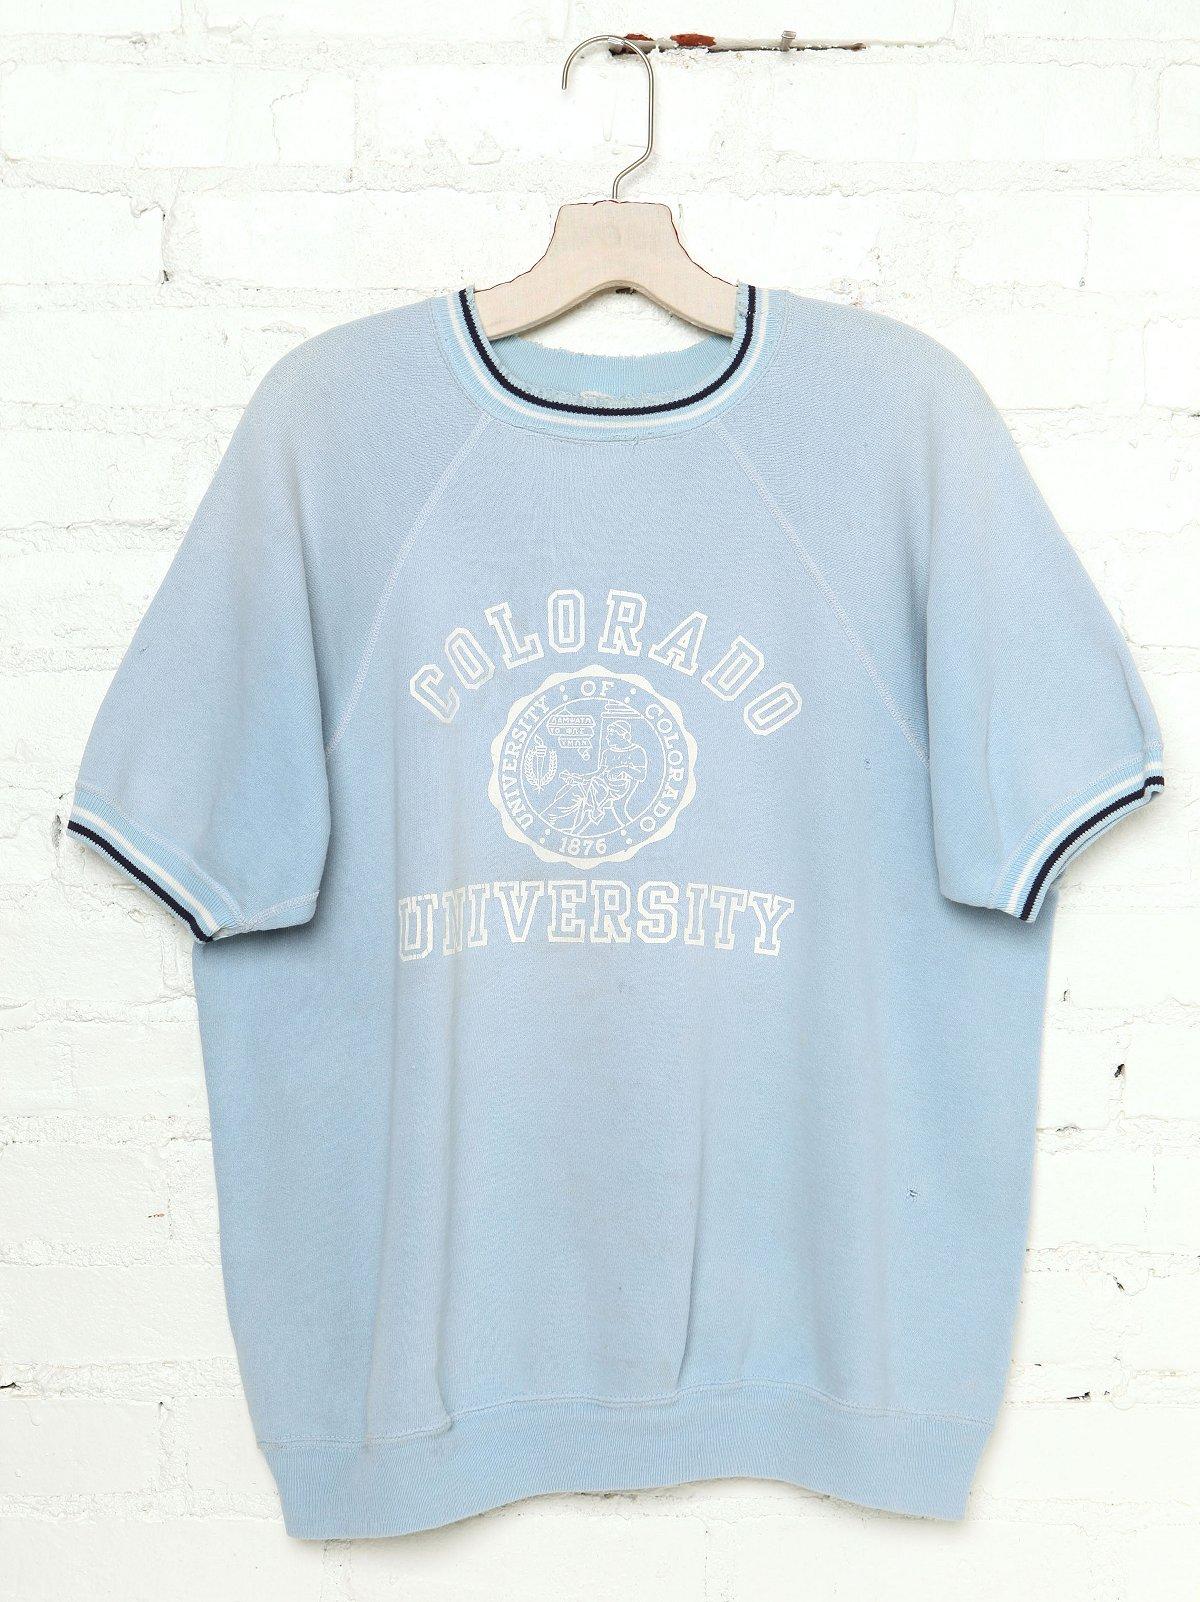 Vintage Colorado University Sweatshirt